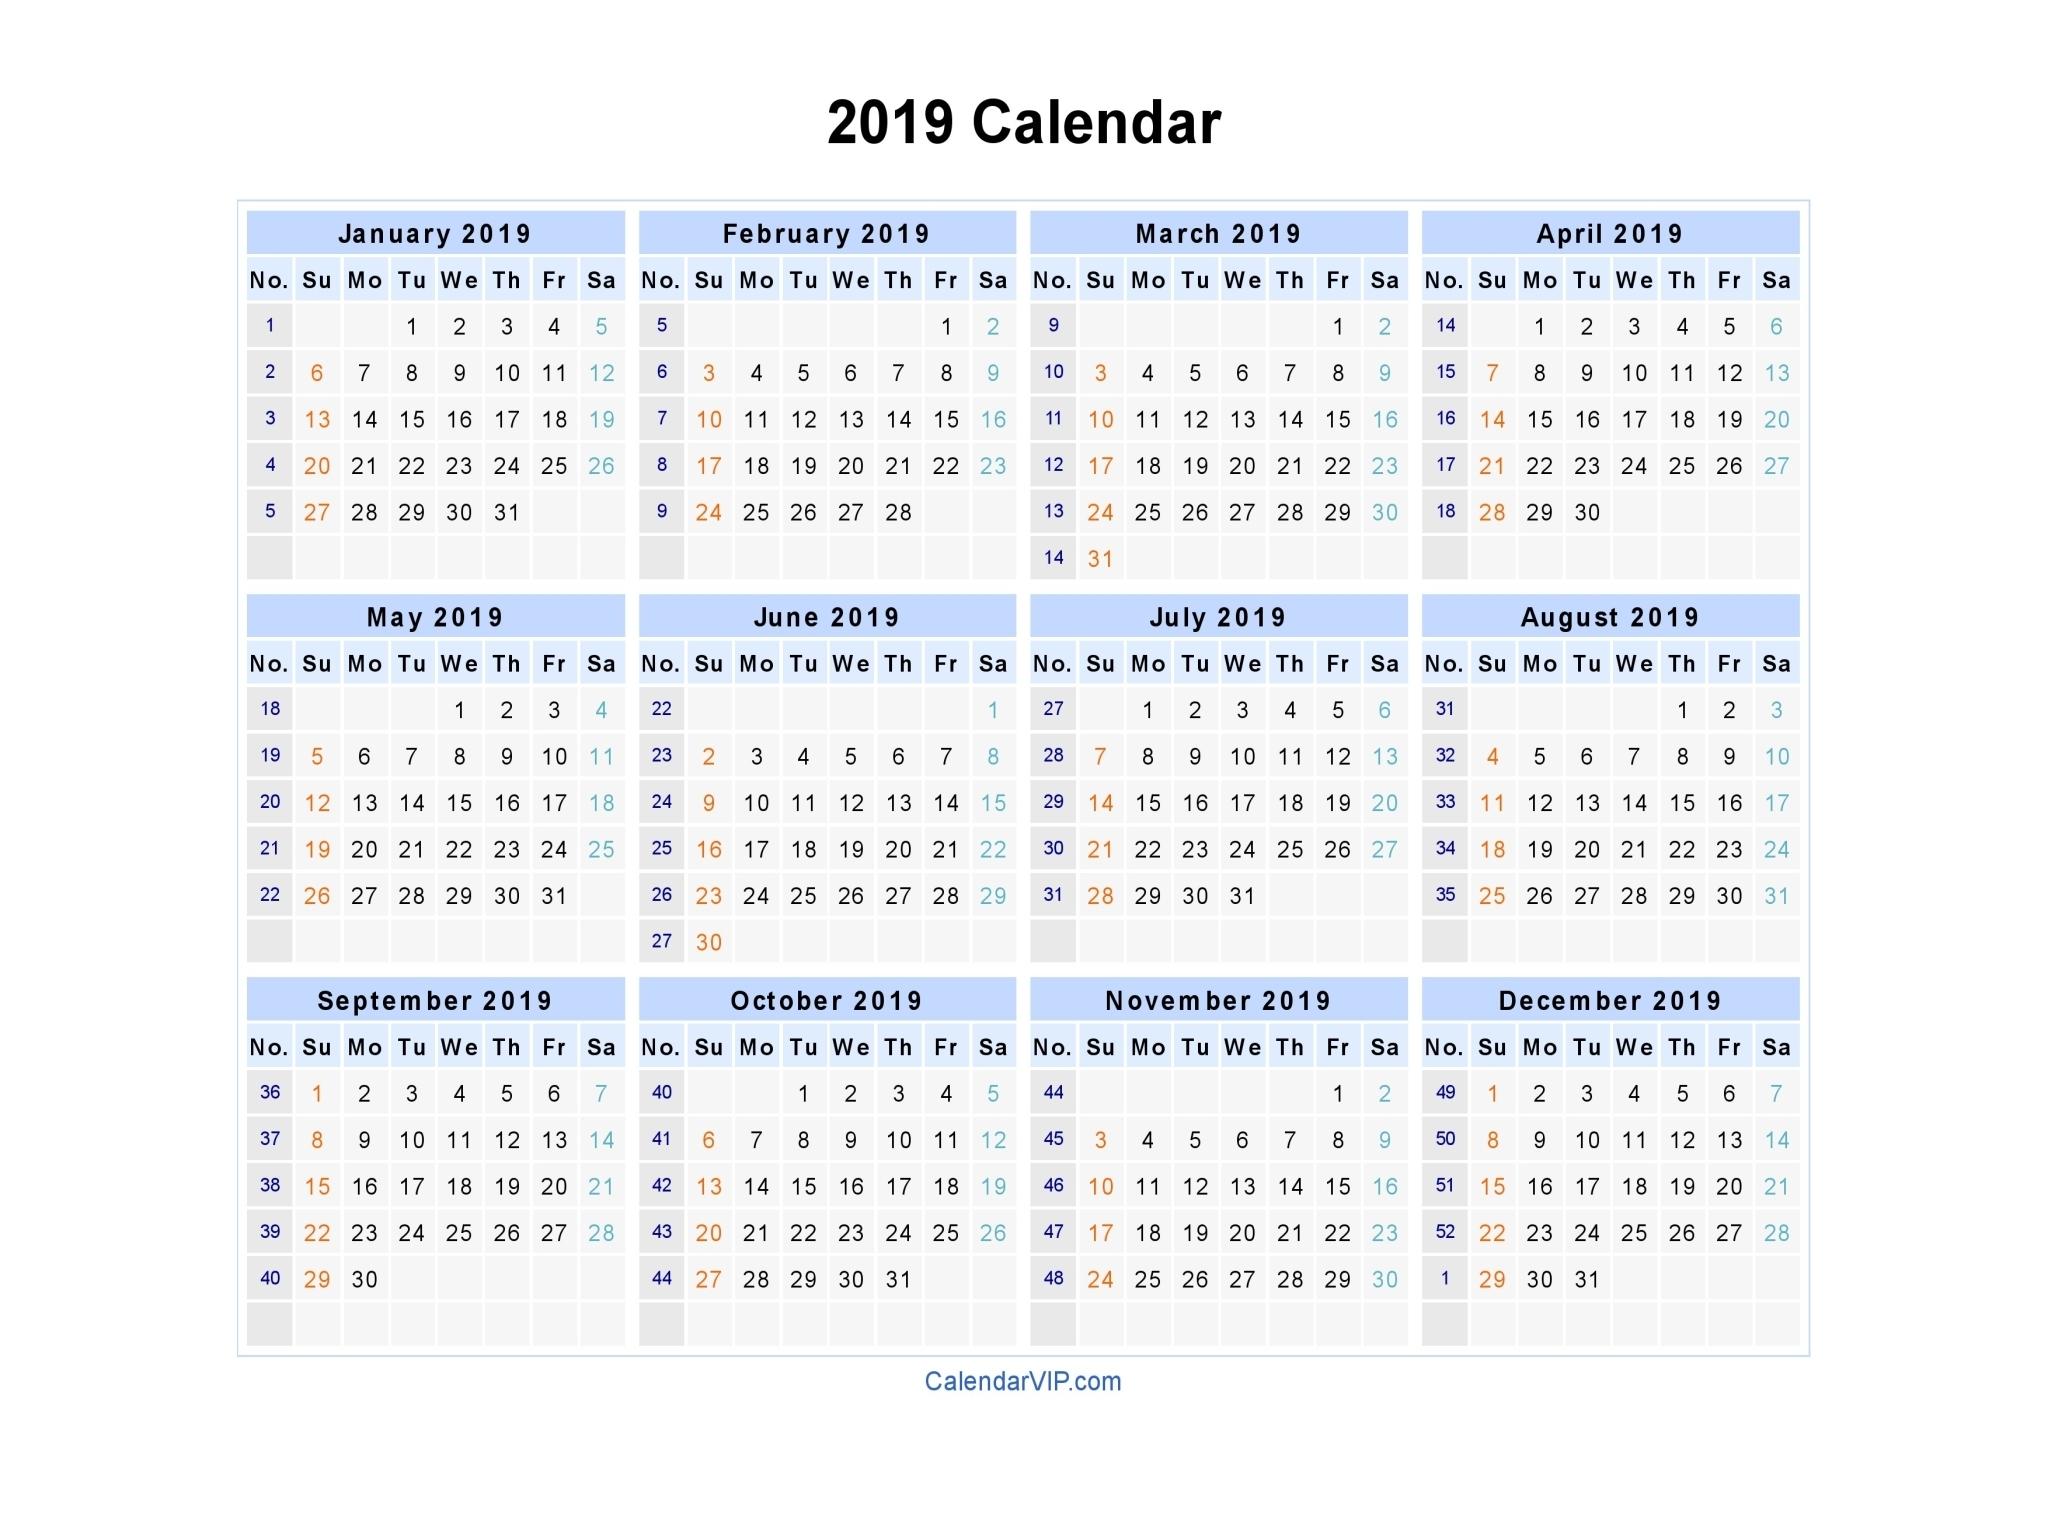 2019 Calendar - Blank Printable Calendar Template In Pdf Word Excel in Number Of The Week Template